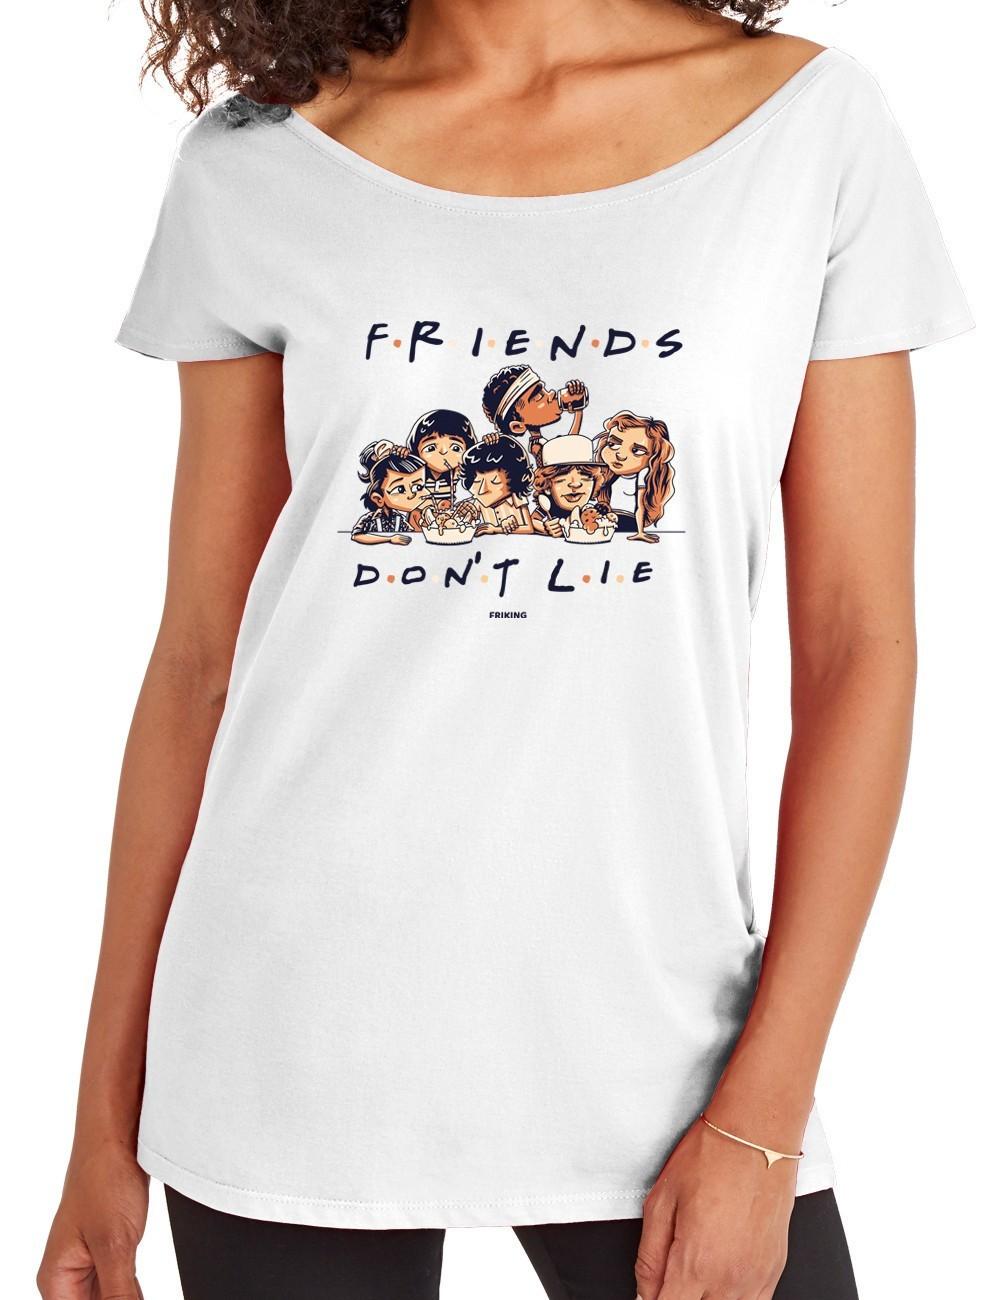 Stranger friends